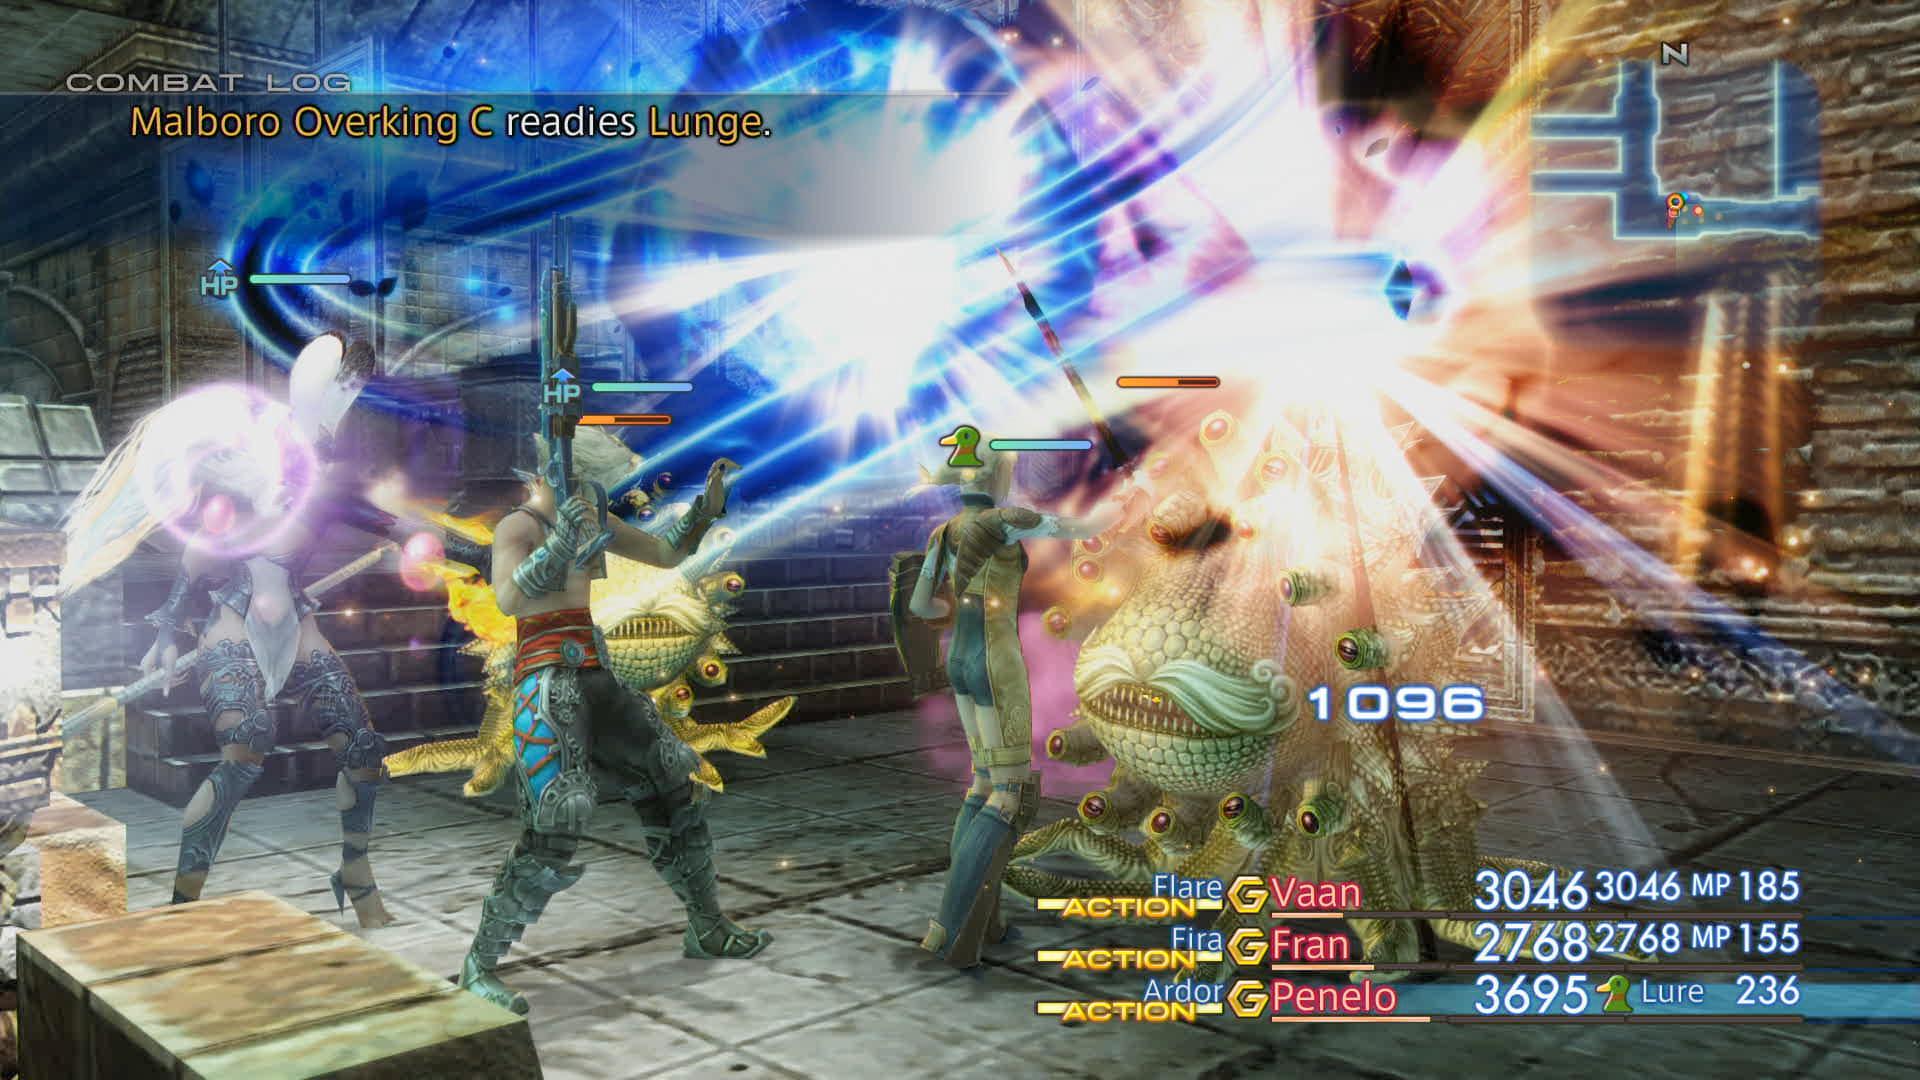 Boje a předělové scény z Final Fantasy XII: The Zodiac Age 142344